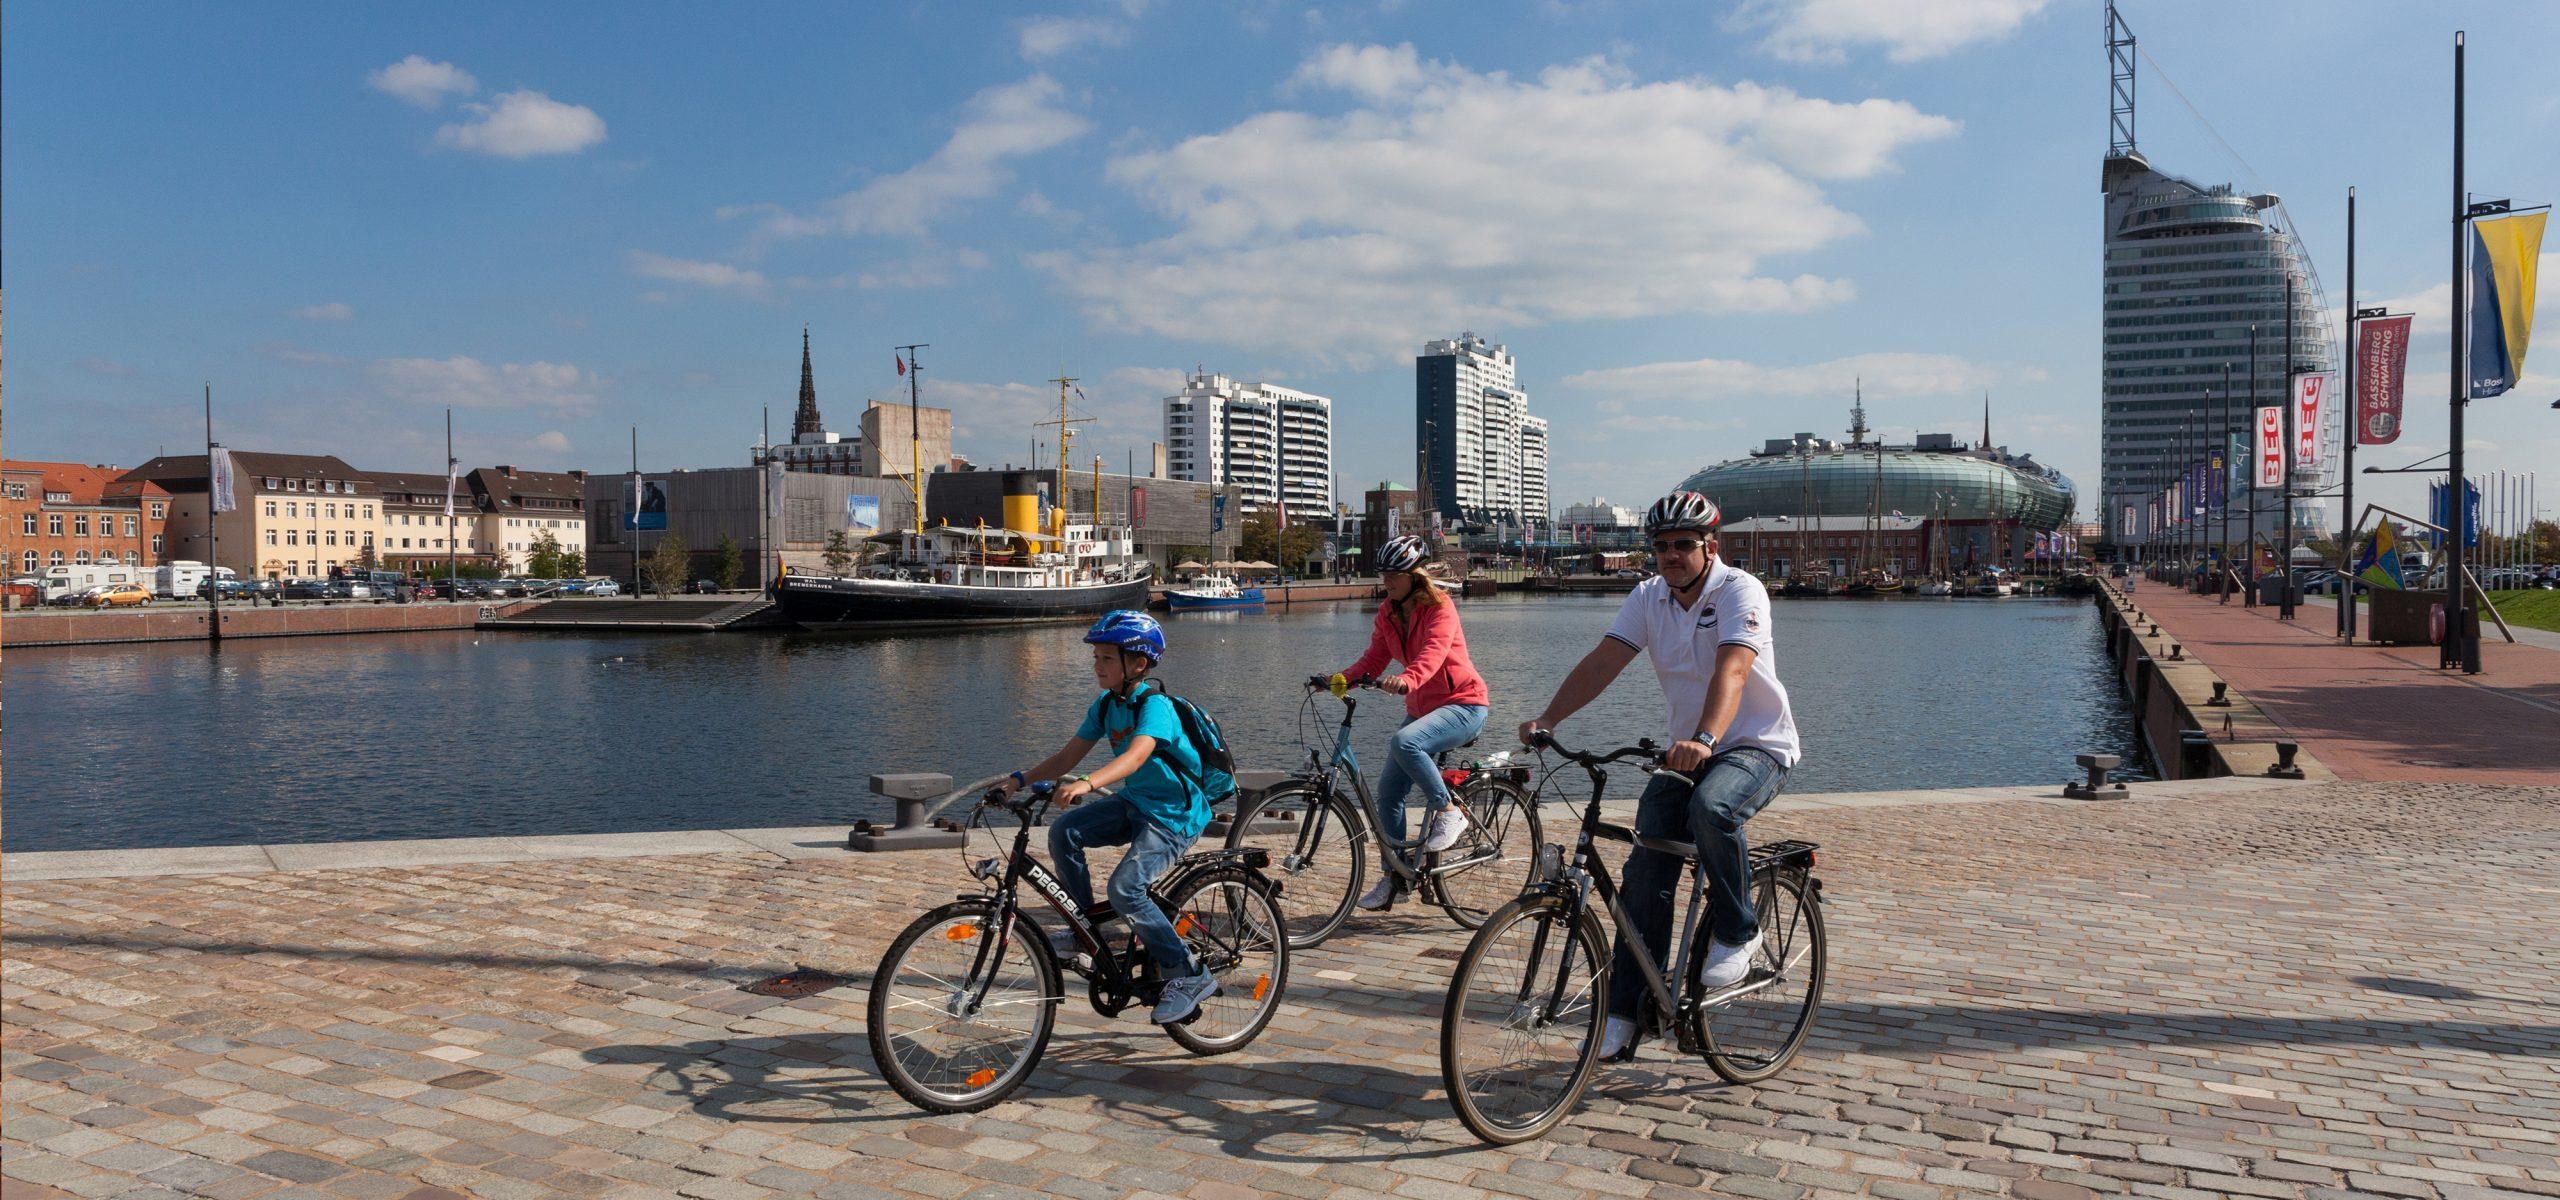 Drei Personen fahren auf dem Fahrrad.